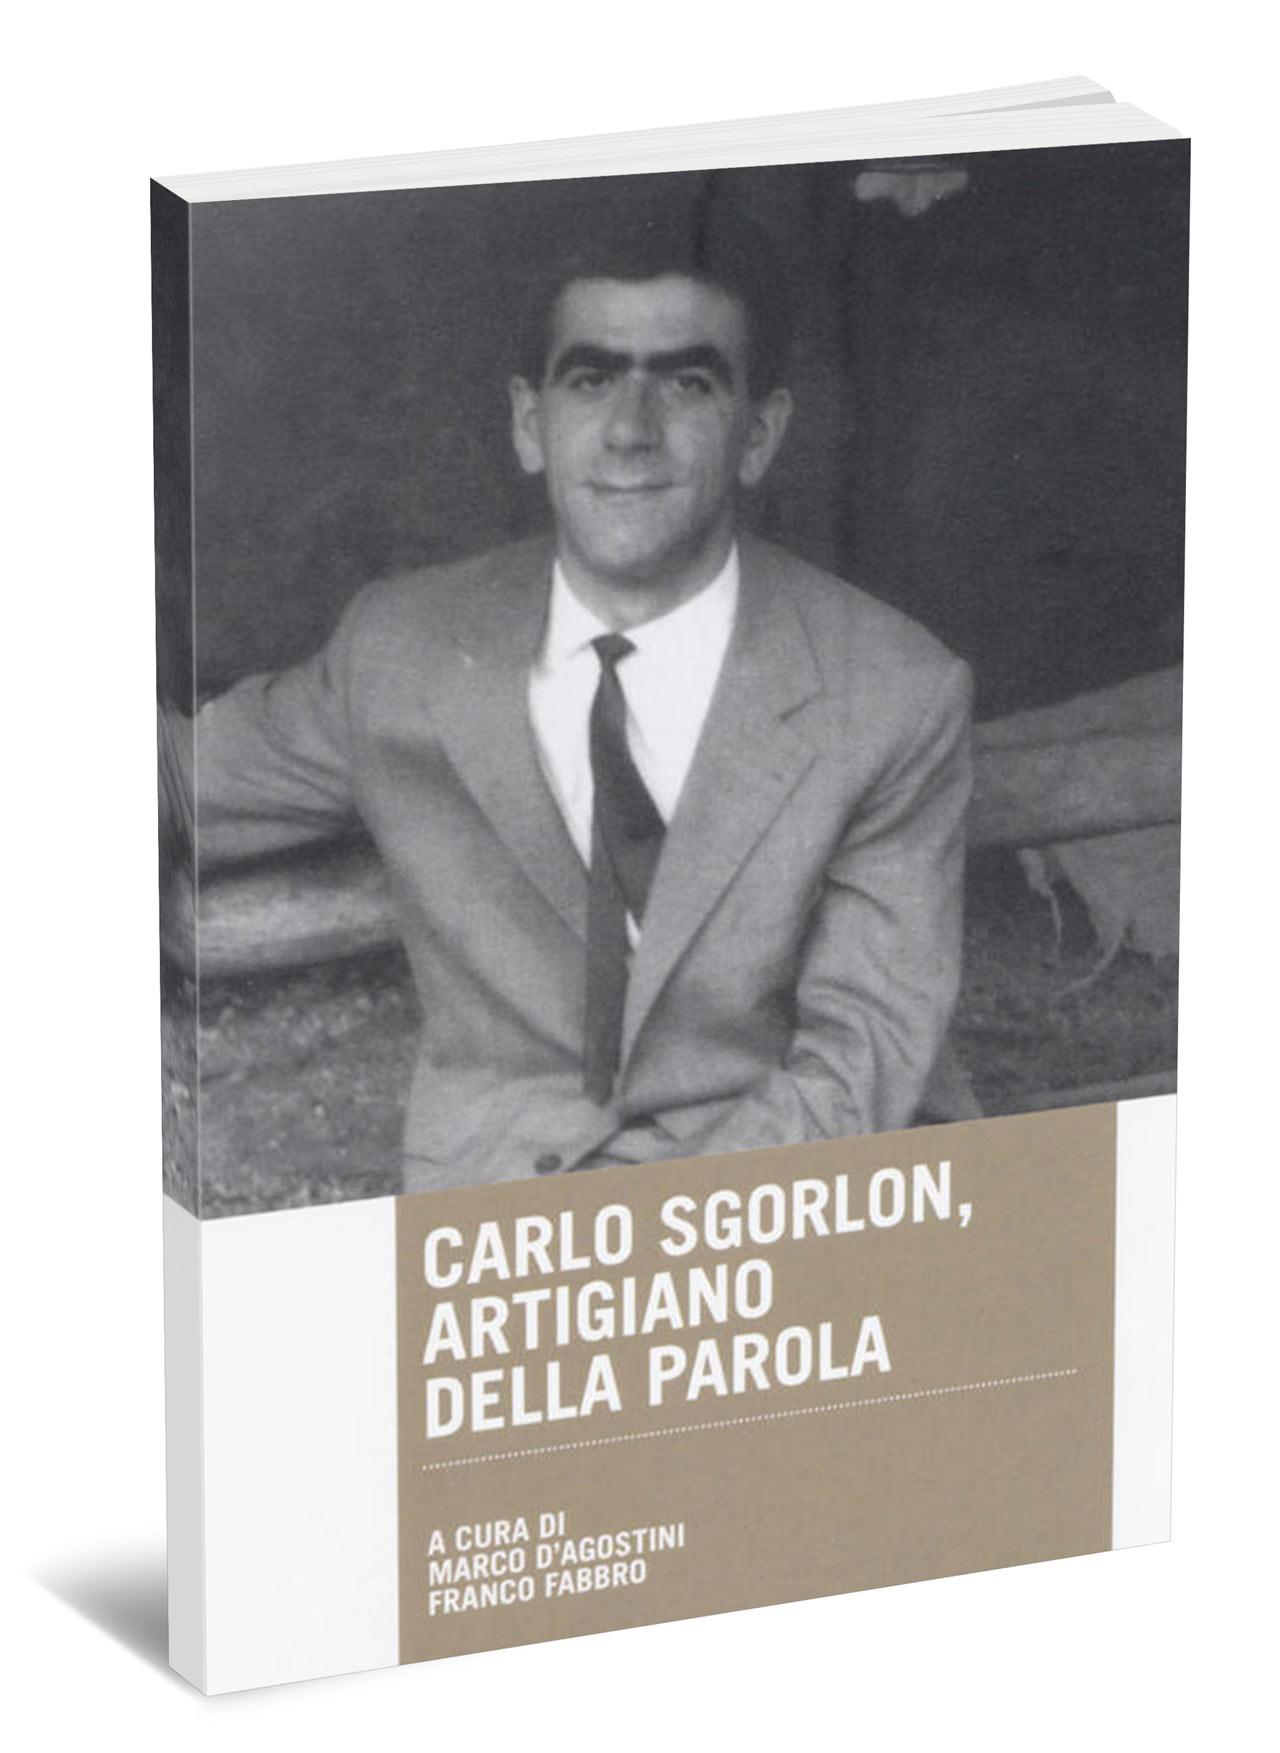 Carlo Sgorlon, artigiano della parola